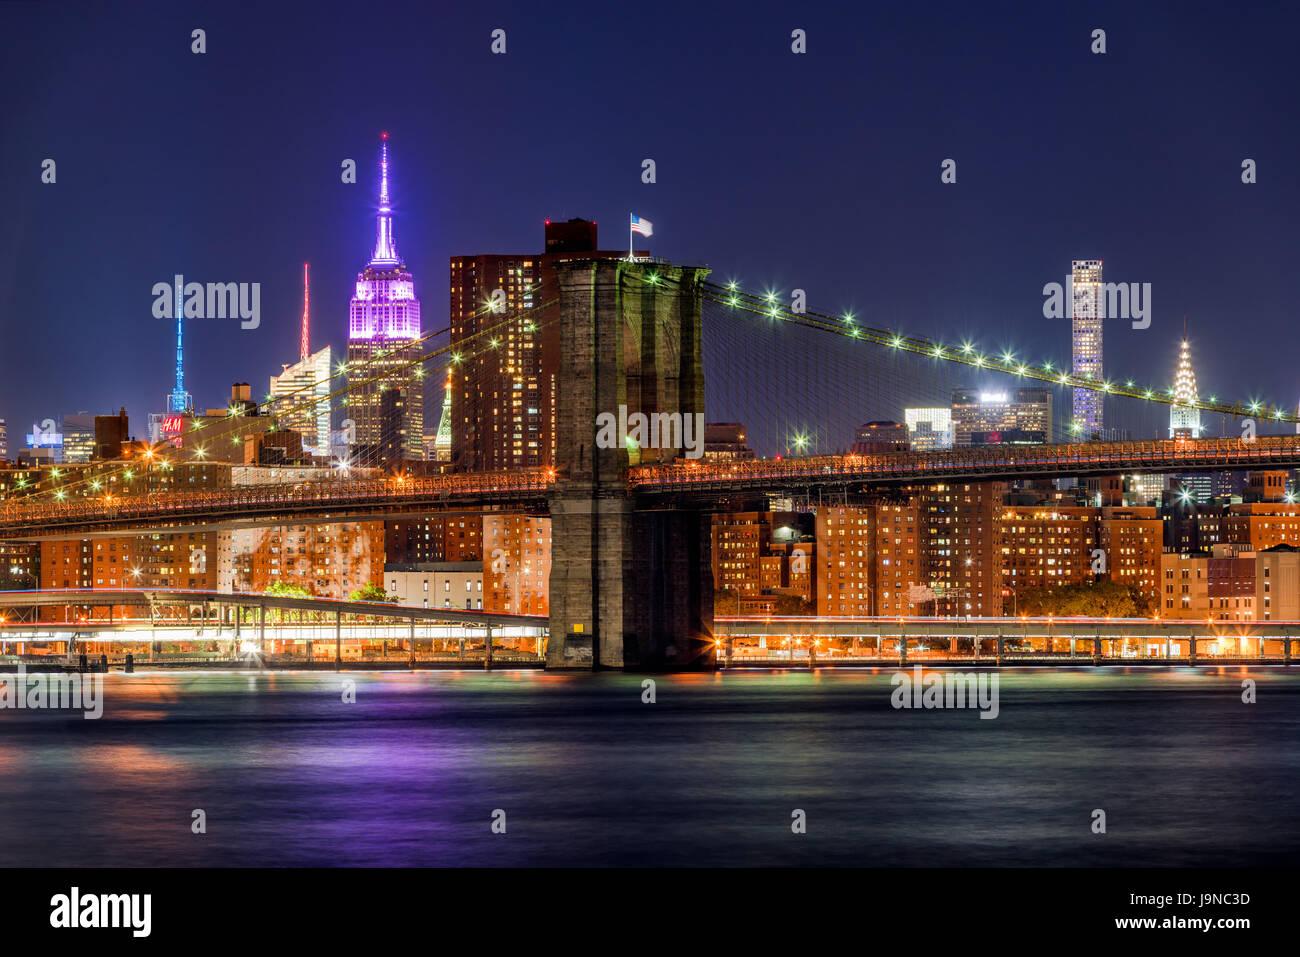 Vista notturna del Ponte di Brooklyn e grattacieli di Manhattan. La città di New York Immagini Stock